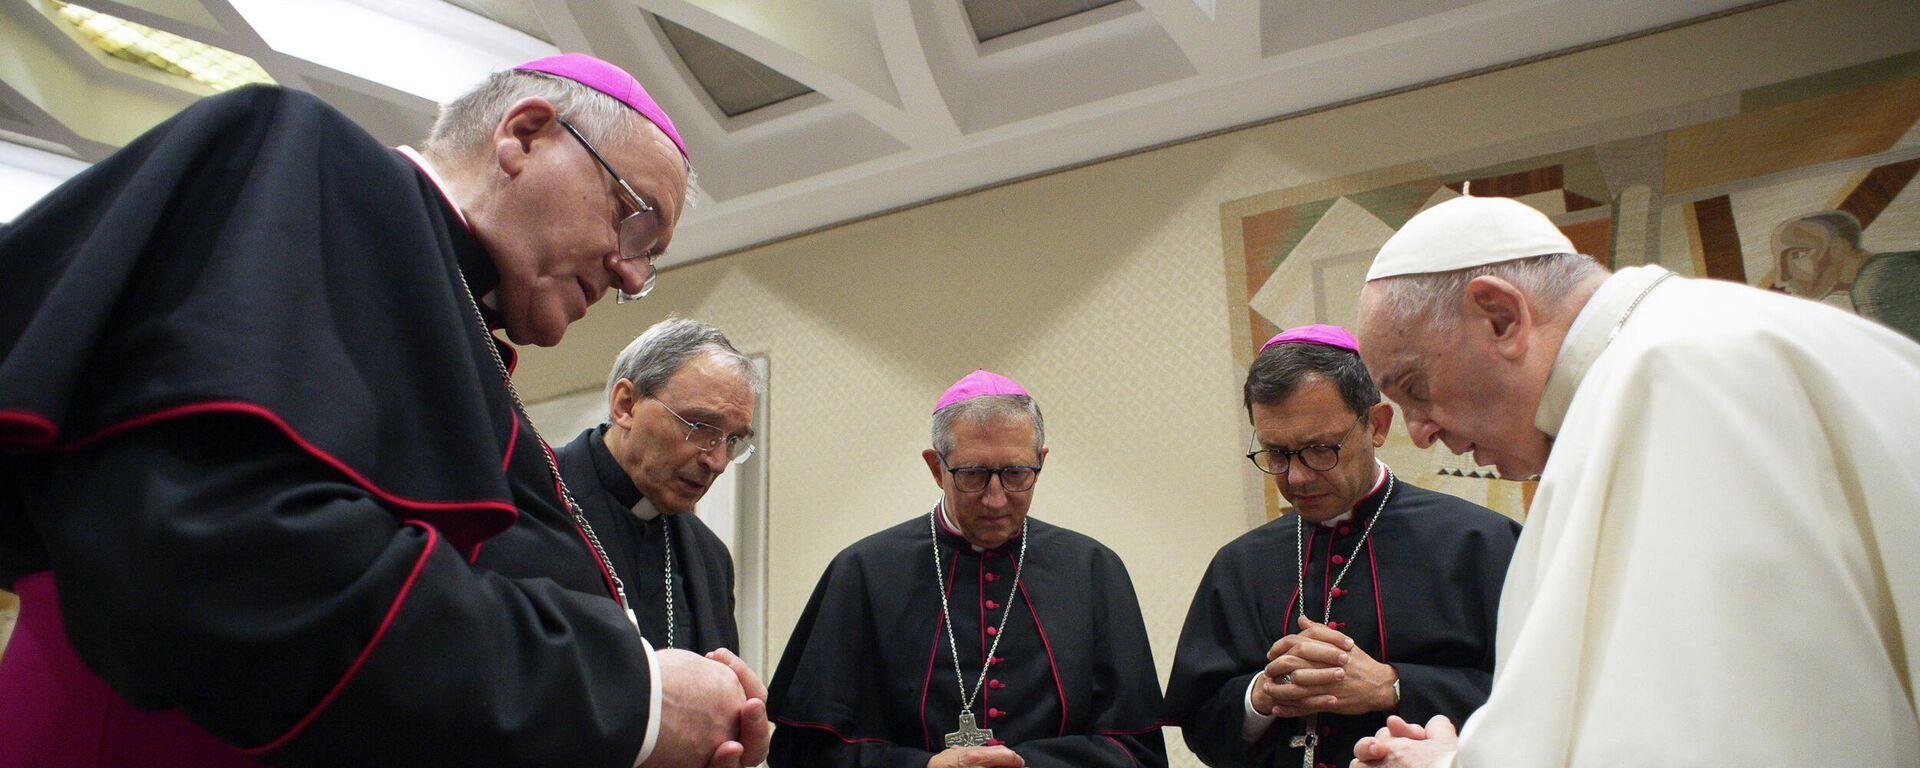 El Papa Francisco y los obispos franceses guardan un minuto de silencio tras el informe de abuso sexual del clero de CIASE, en el Vaticano - Sputnik Mundo, 1920, 07.10.2021